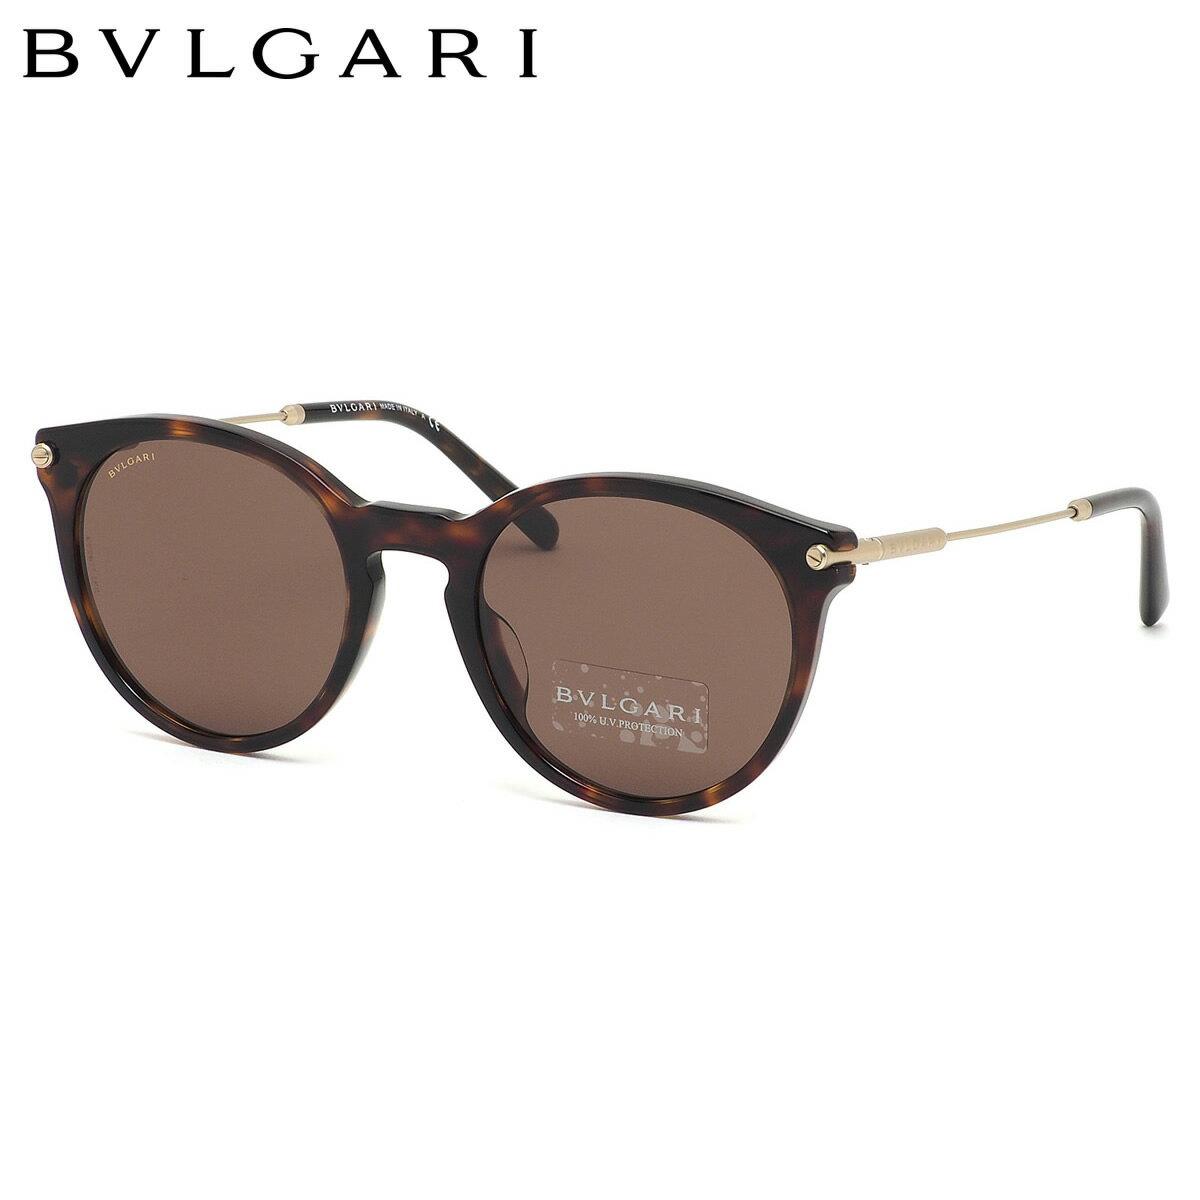 【ブルガリ】 (BVLGARI) サングラスBV7030F 504/73 53サイズDIAGONO ディアゴノ フルフィットBVLGARI メンズ レディース:メガネ・サングラスのThat's